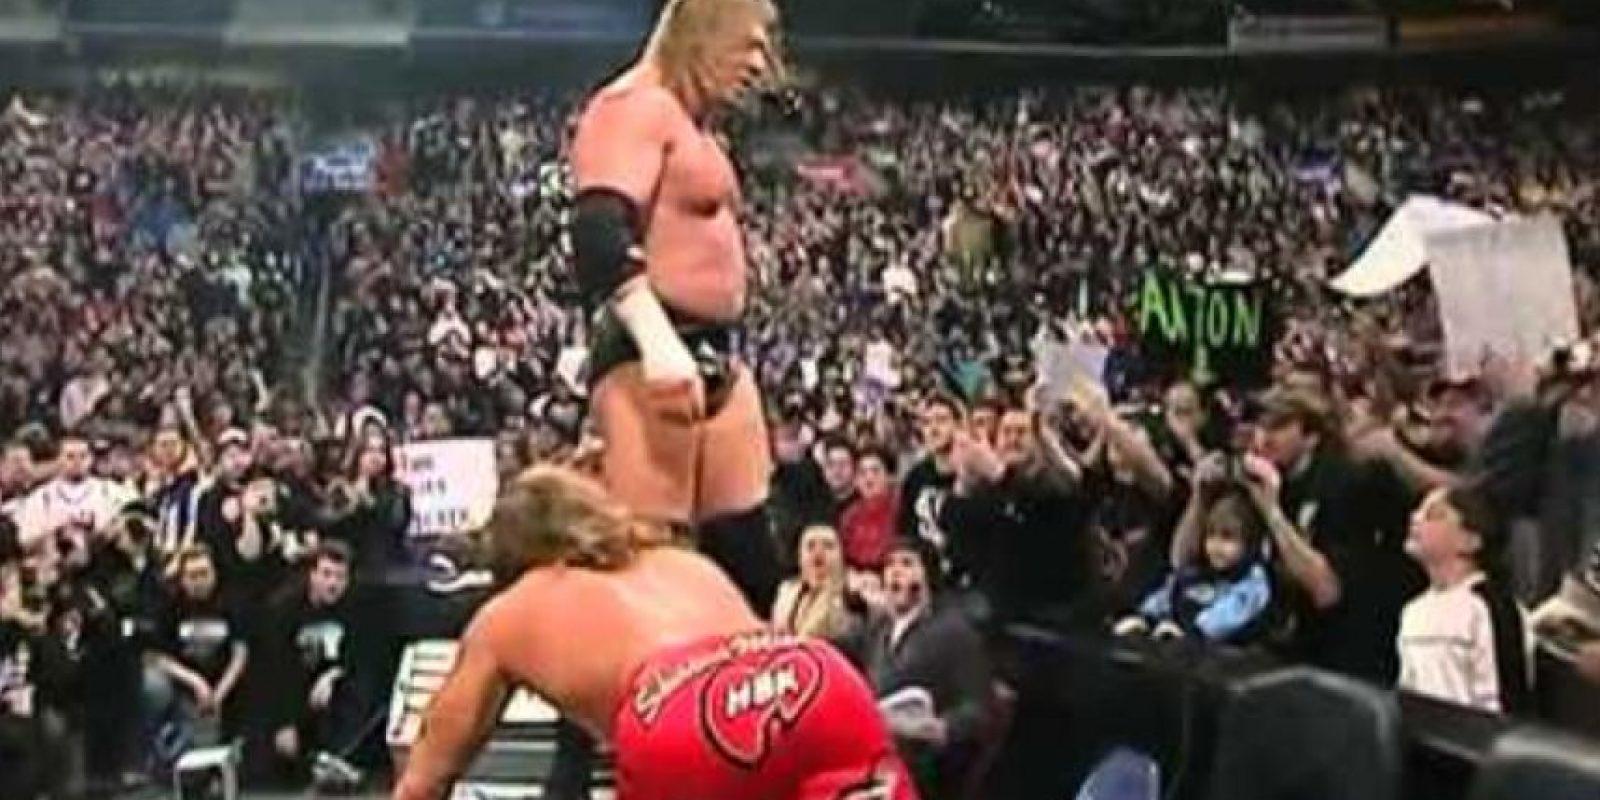 Shawn Michaels vs Triple H en Royal Rumble 2004 Foto:WWE